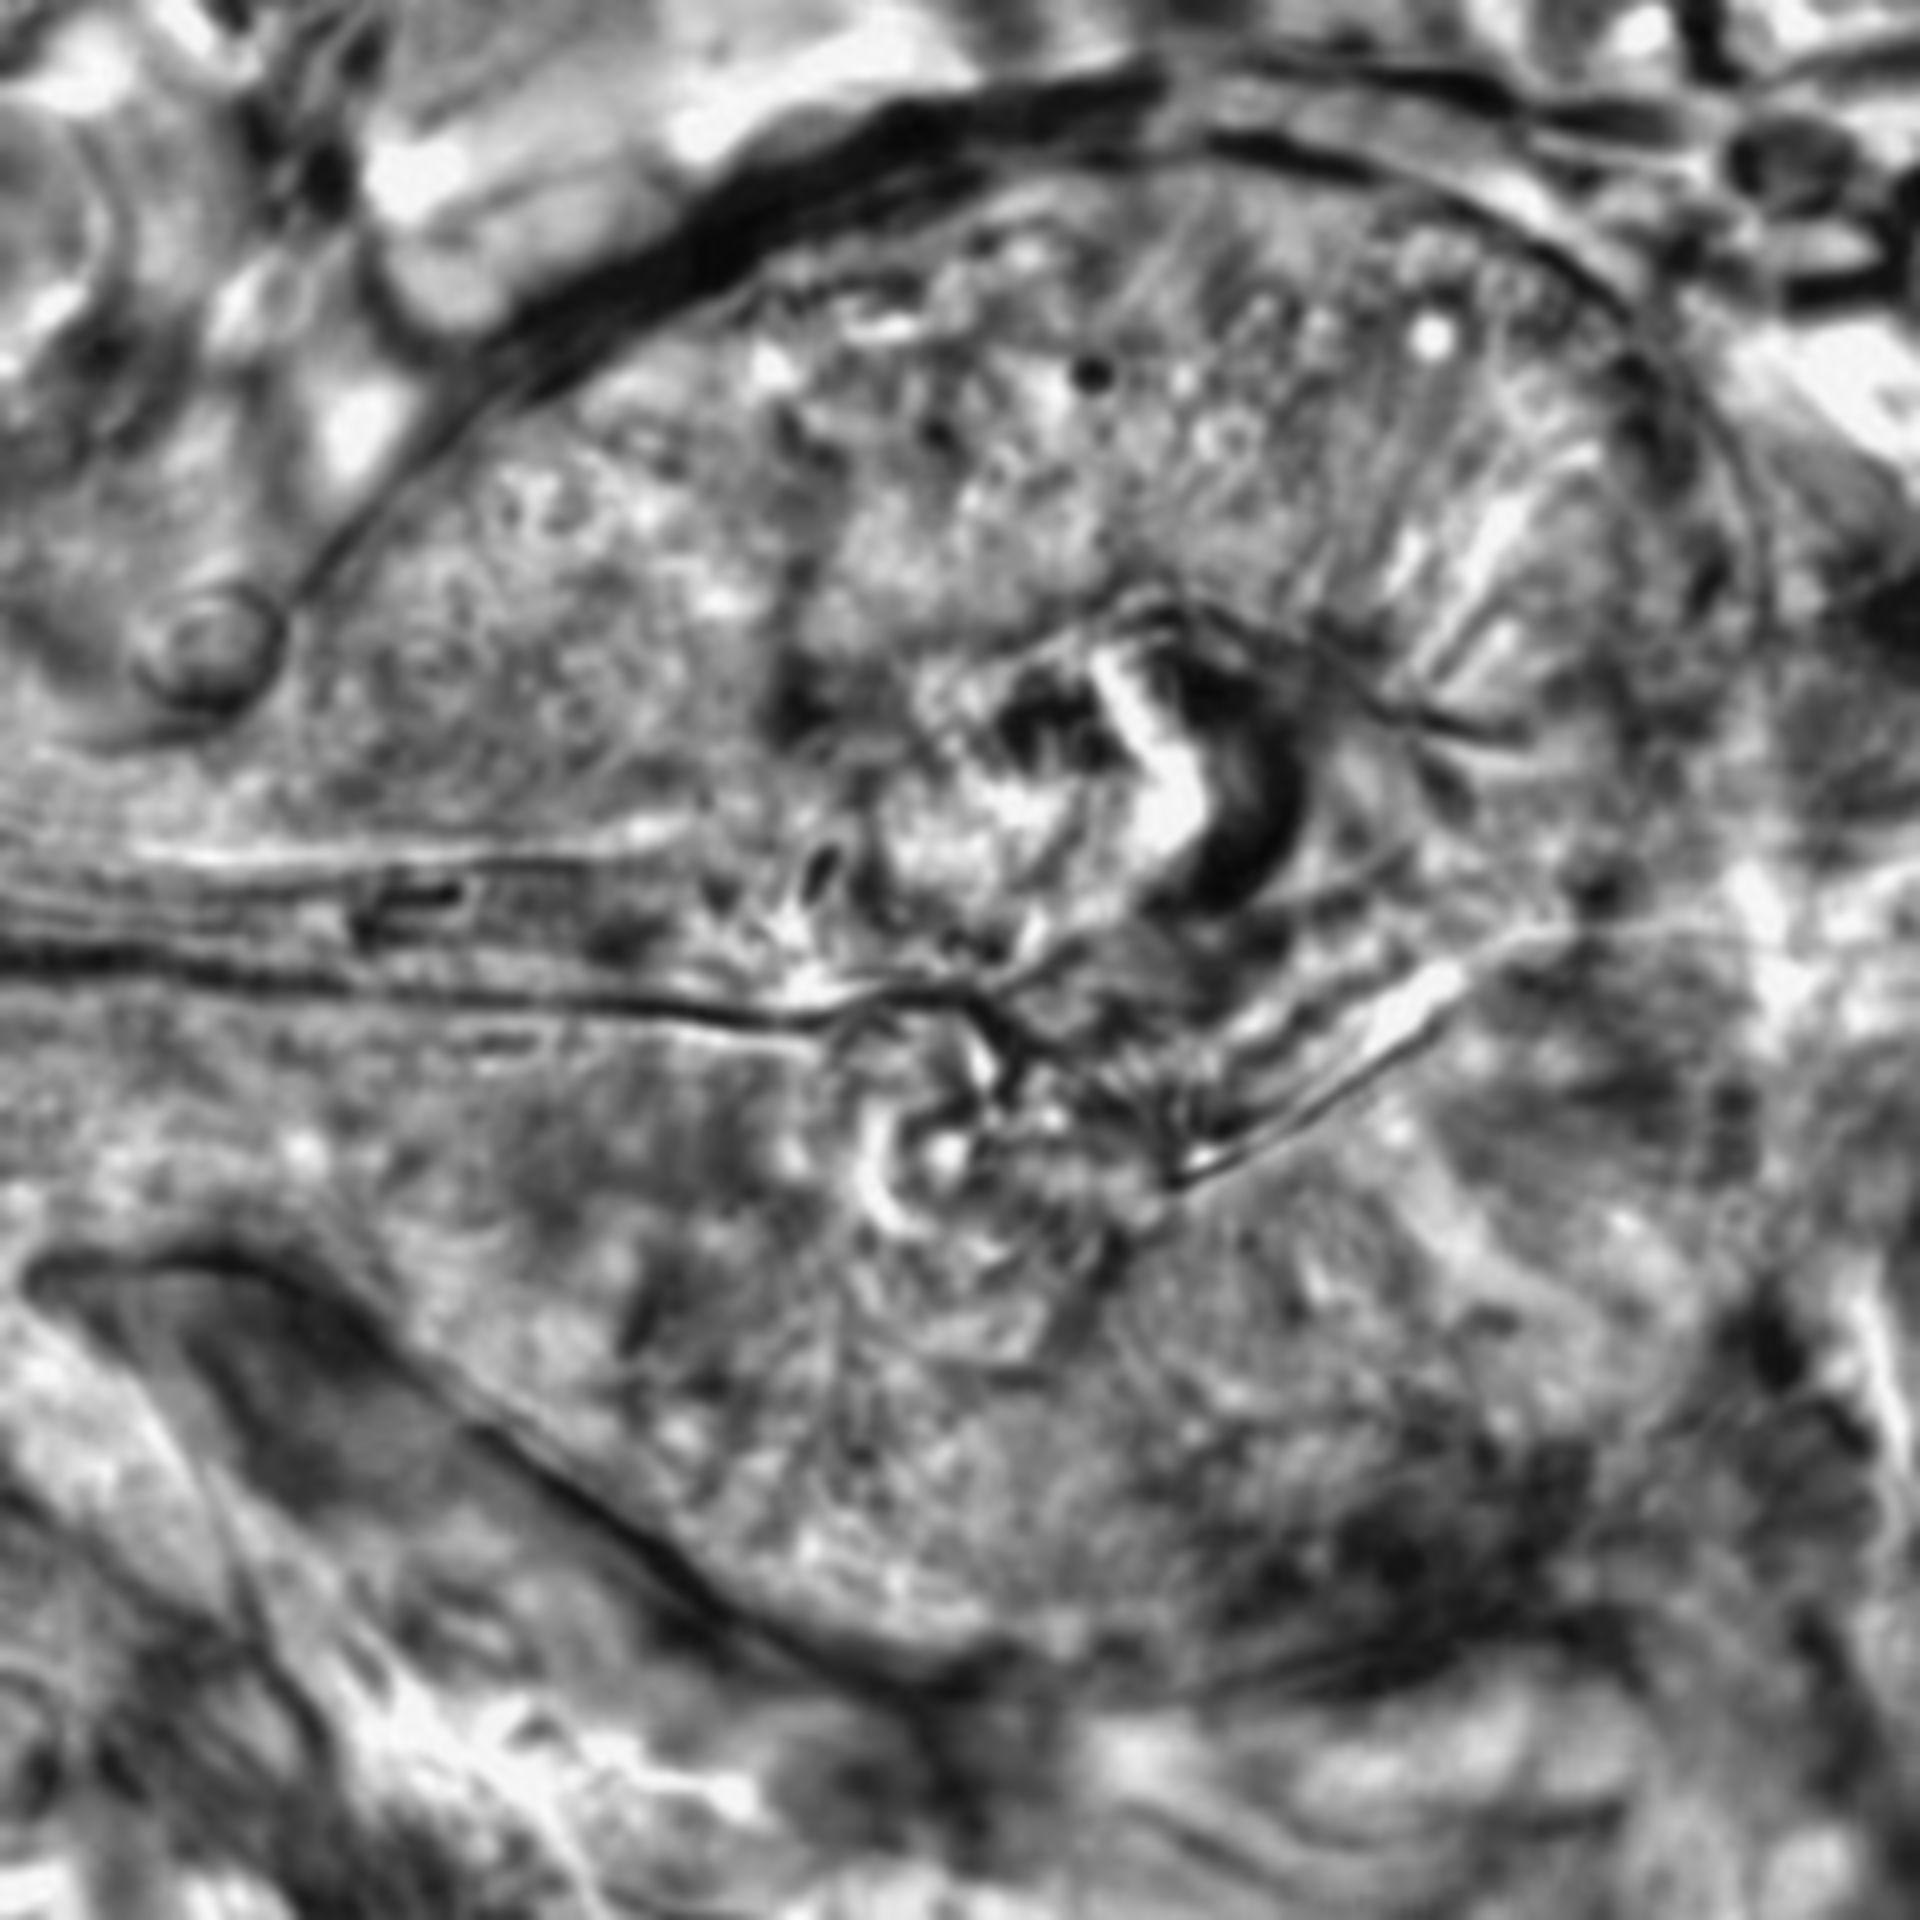 Caenorhabditis elegans - CIL:2588